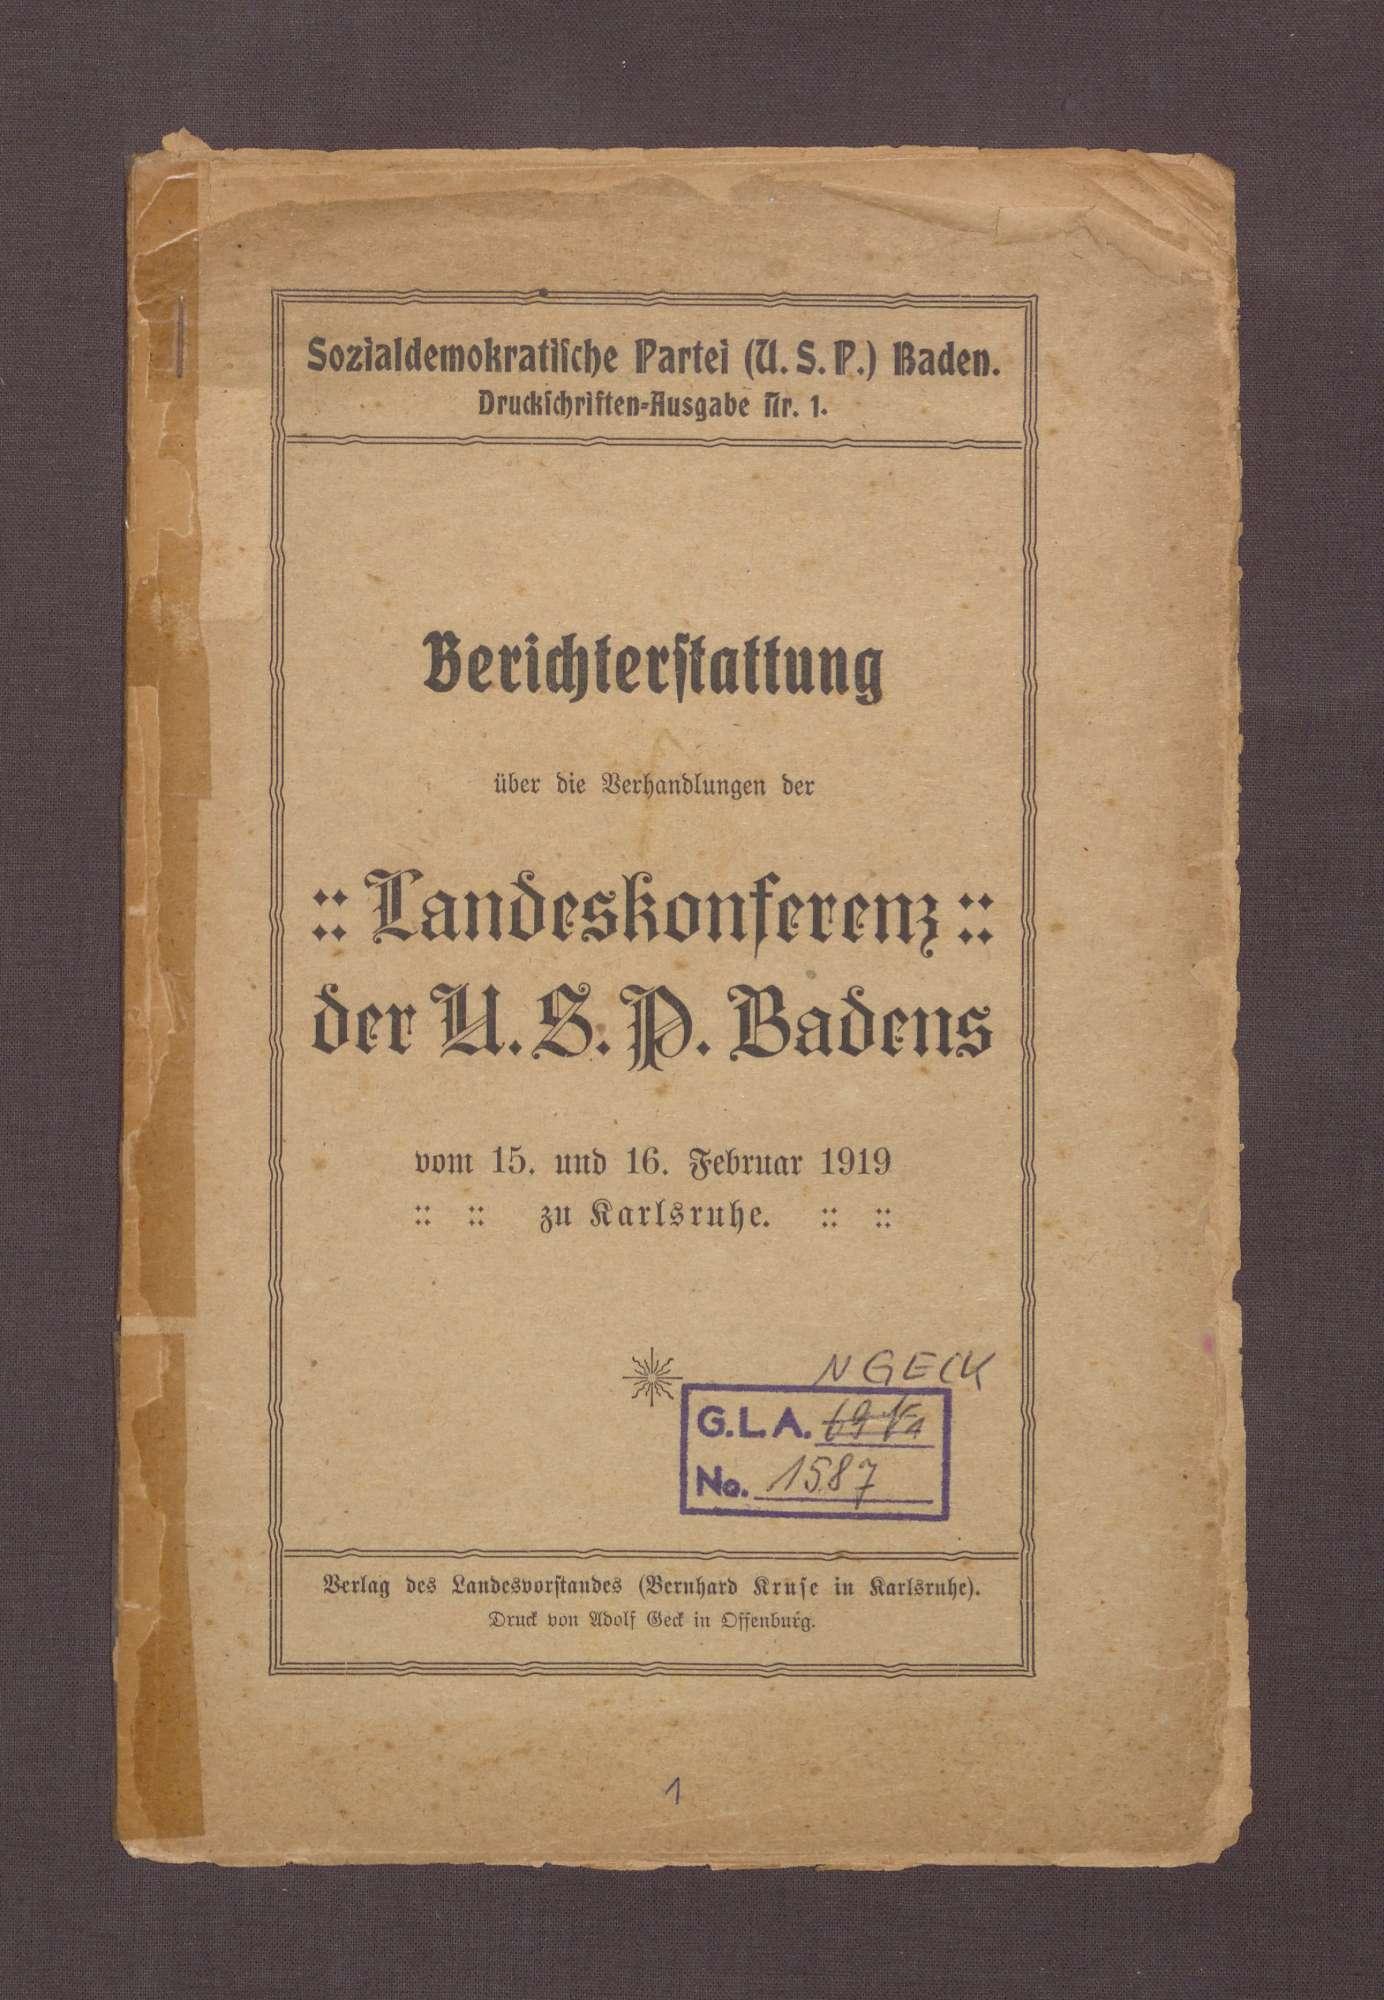 Landeskonferenz der USPD Badens vom 15. bis zum 16. Februar 1919 zu Karlsruhe, Bild 2